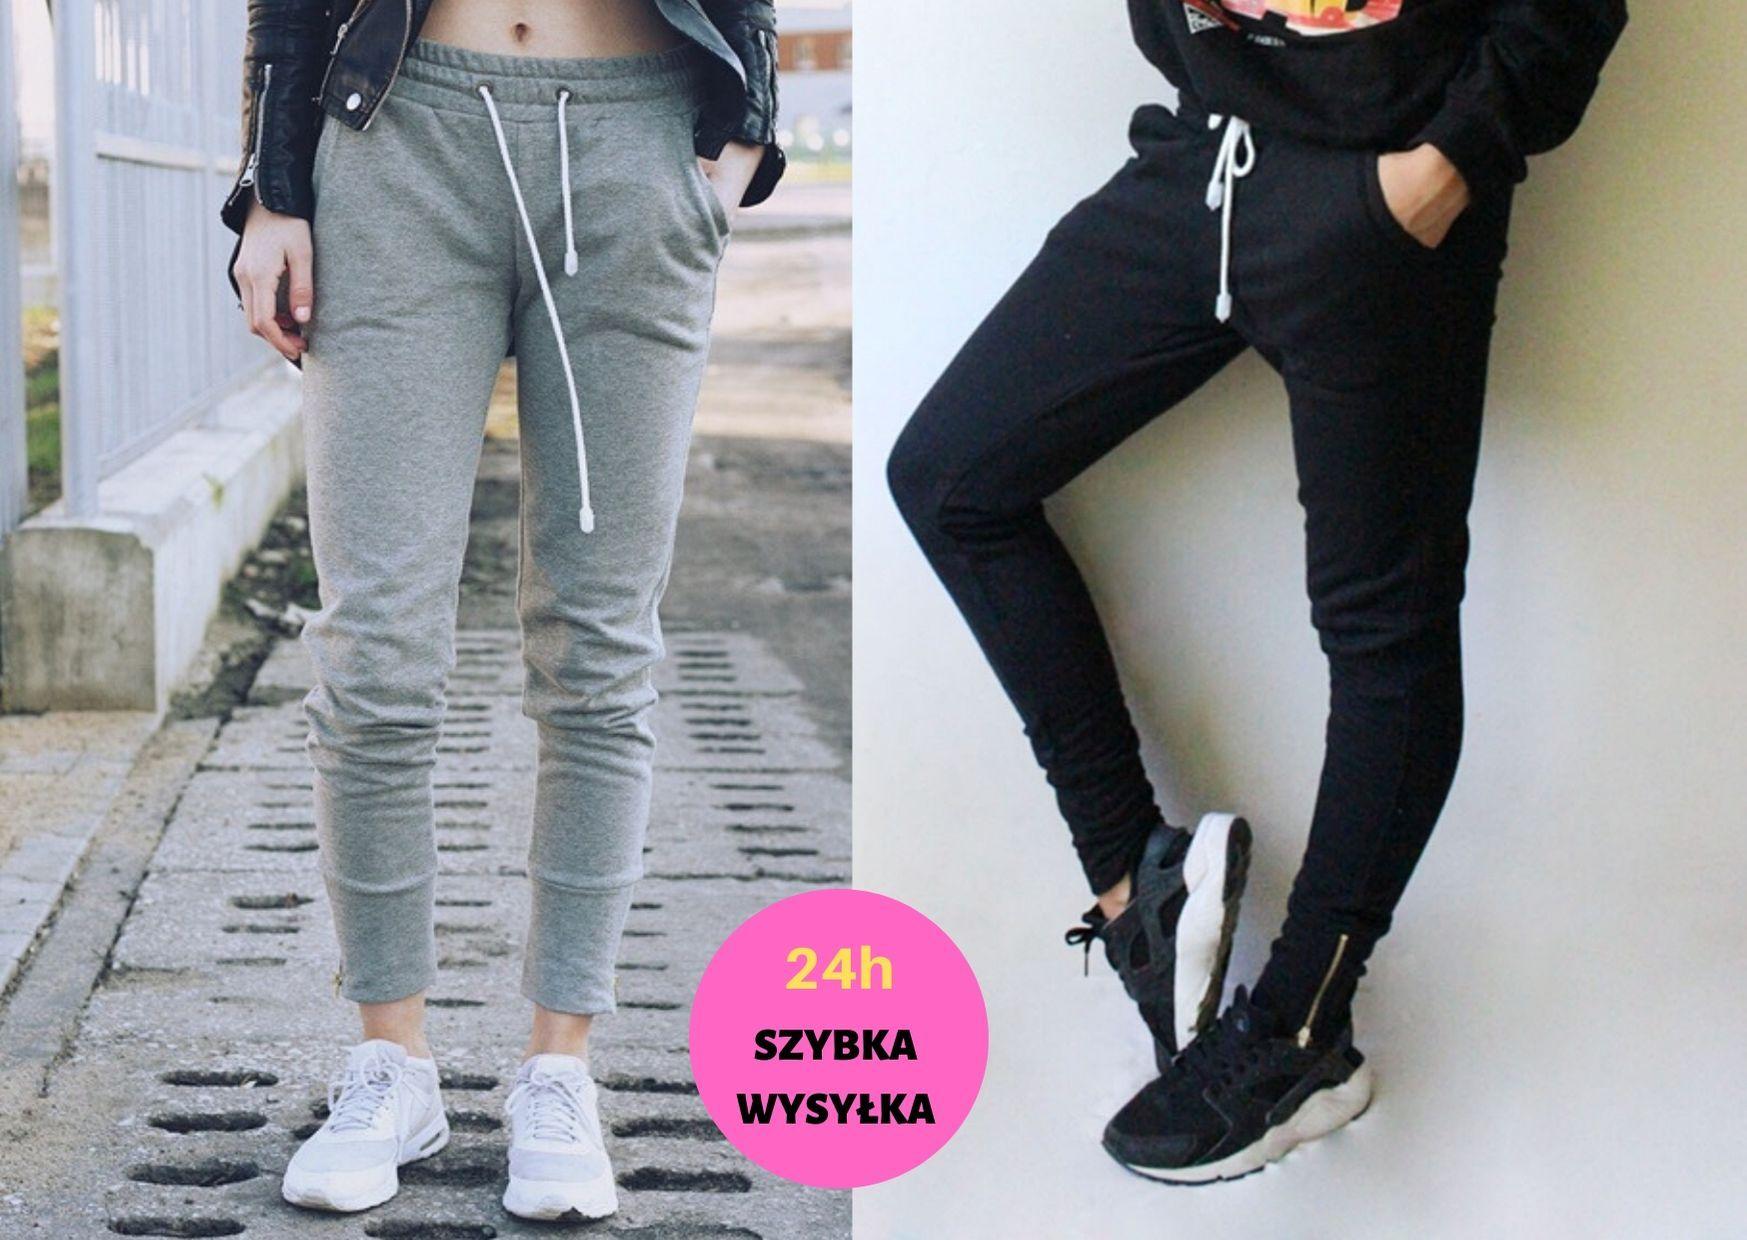 Dresy Damskie Zamki Zwezane Polski Produkt 8785185563 Oficjalne Archiwum Allegro Sweatpants Pants Fashion